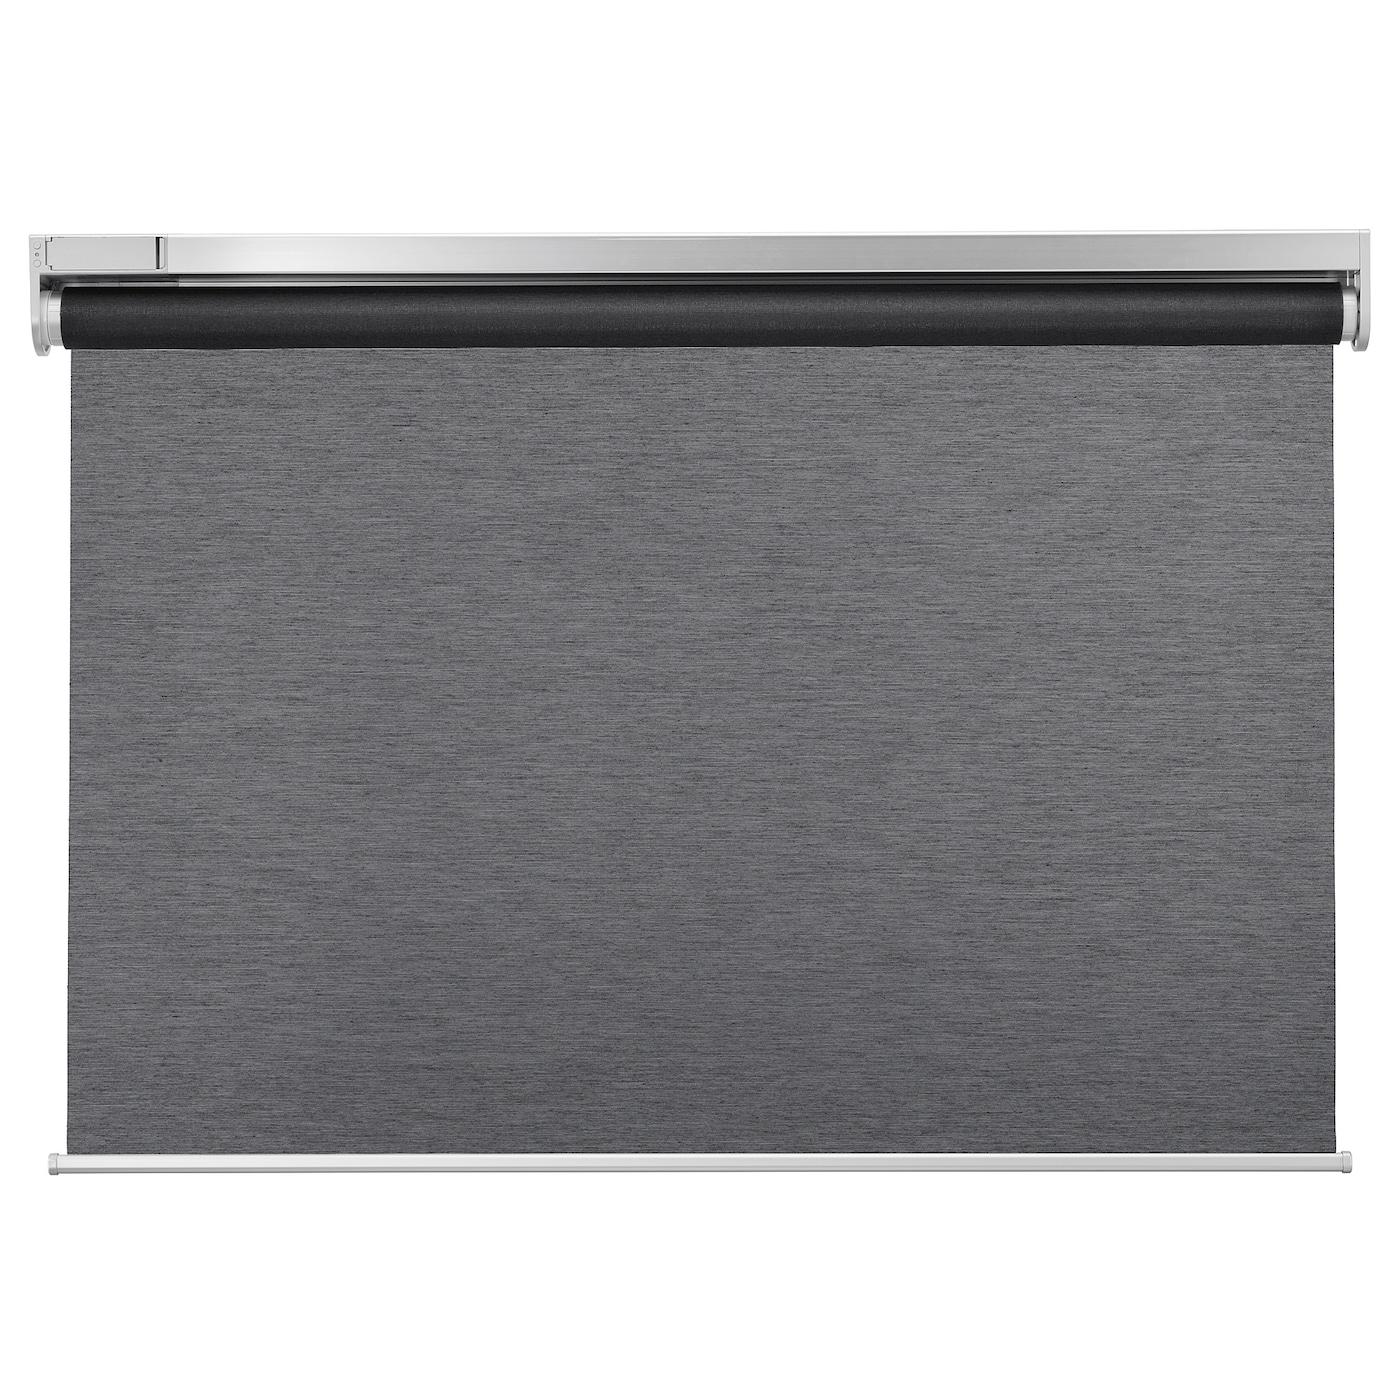 KADRILJ カドリリ ローラーブラインド - ワイヤレス, 電池式 グレー - IKEA